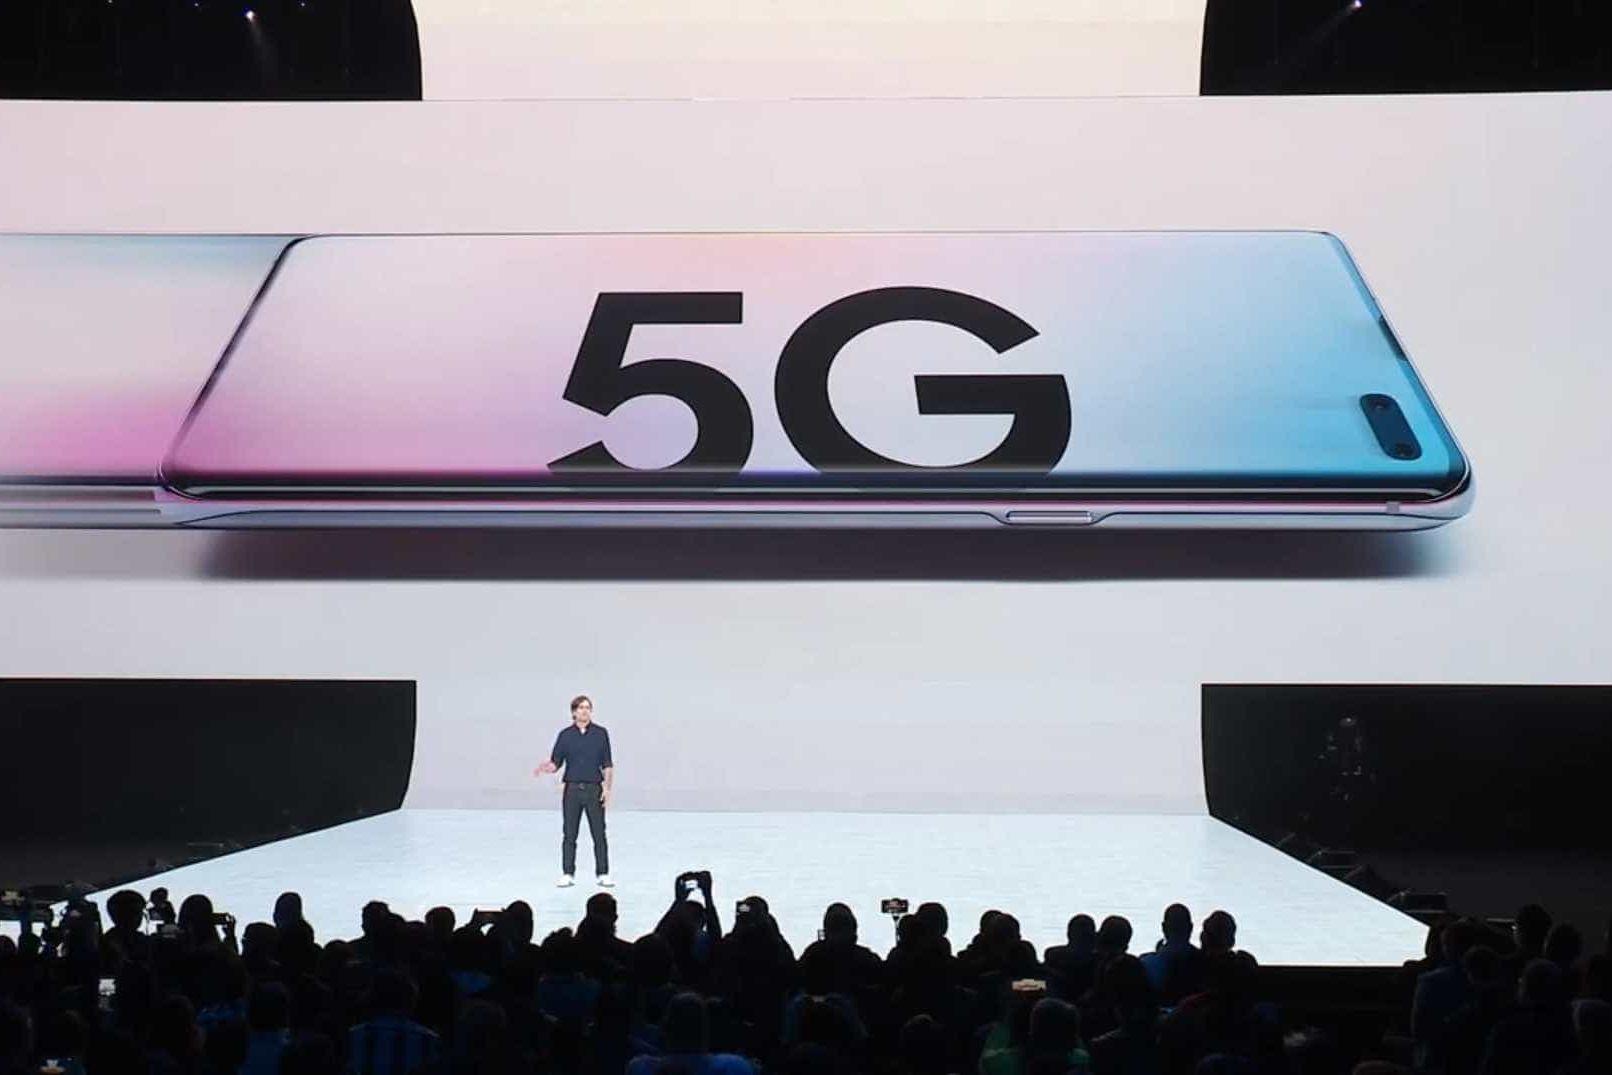 Próximo topo de gama da Samsung pode ter versão 5G